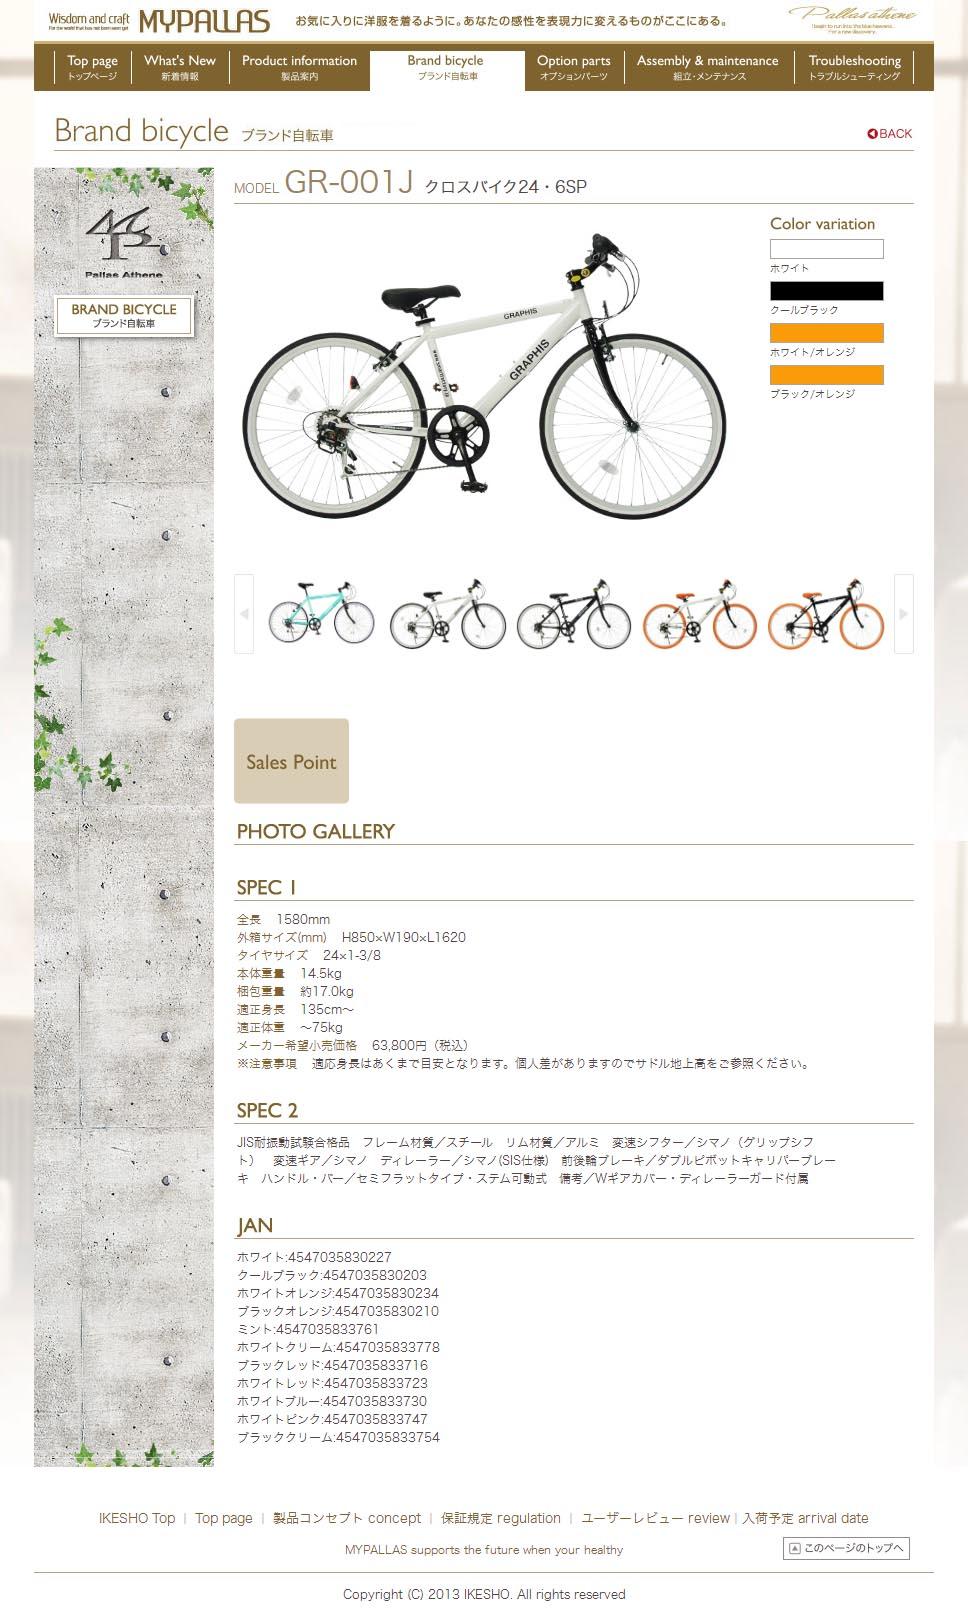 【送料無料】★特価! 自転車 クロスバイク GRAPHIS グラフィス GR-001J (全4色) 自転車 24インチ 6段変速 可動式ステム 女性 子供 自転車 街乗り レディース ジュニア 激安 通販 ☆